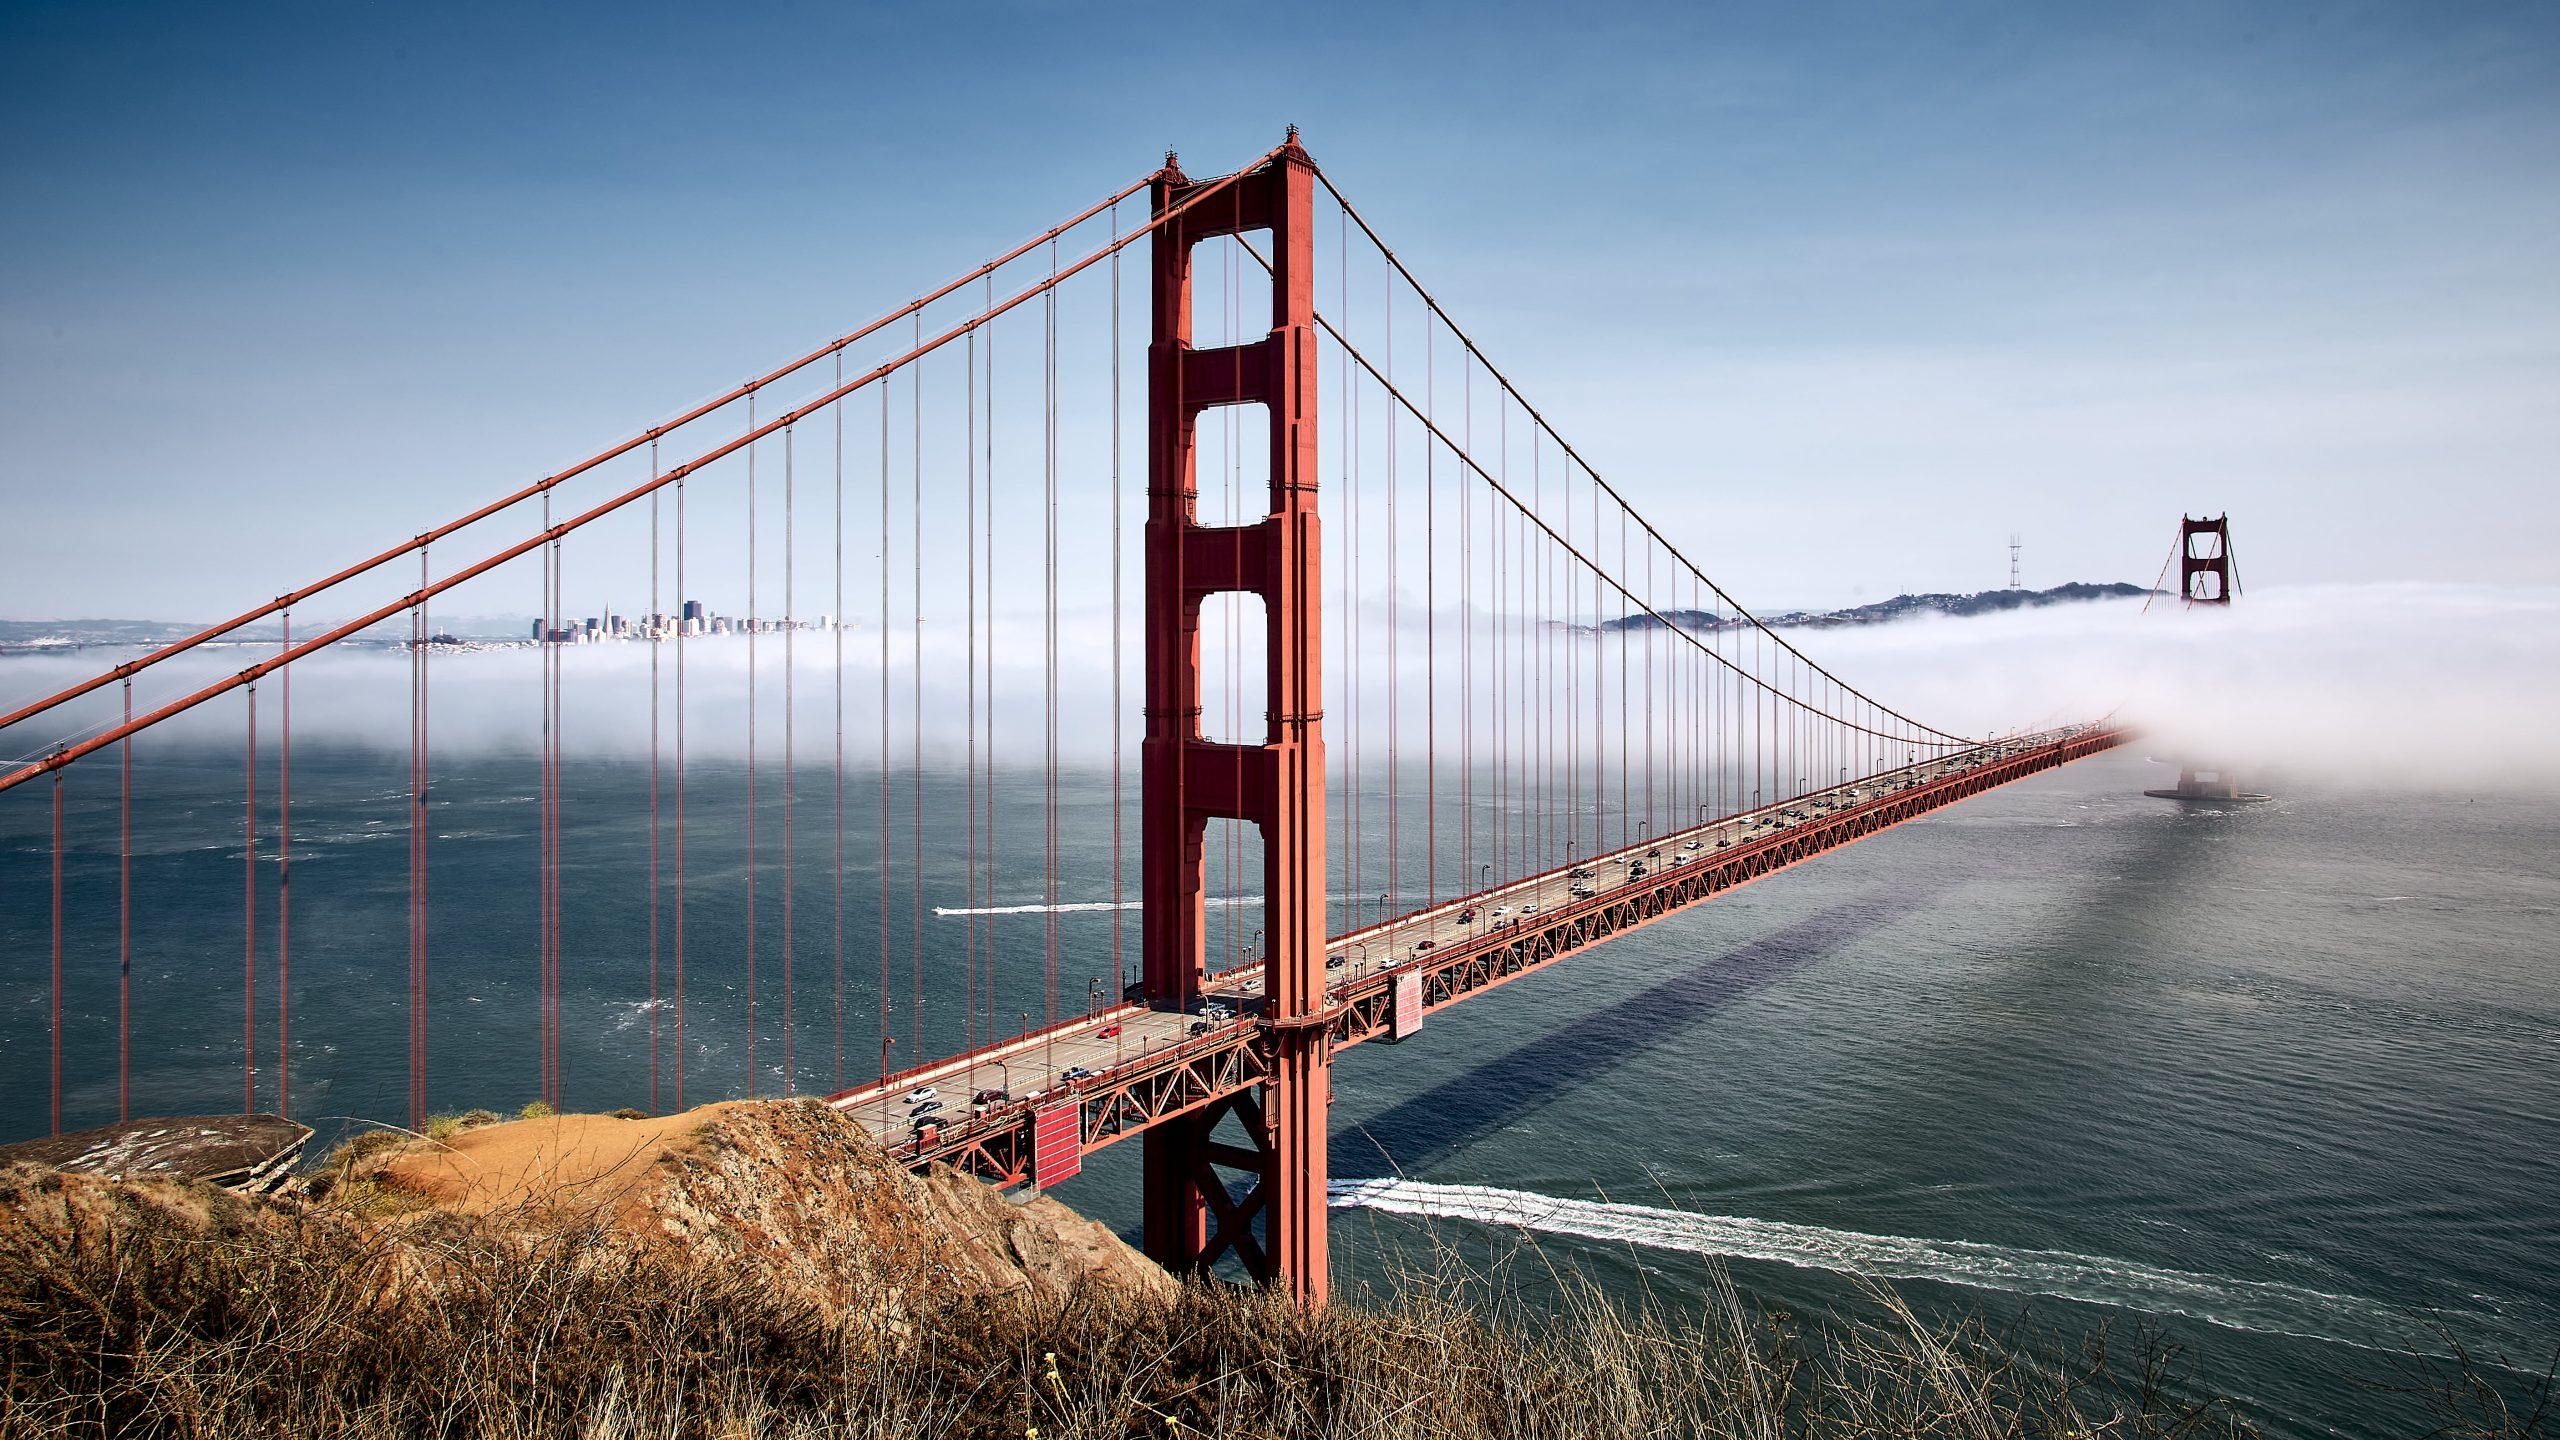 Bioptic Laws in California